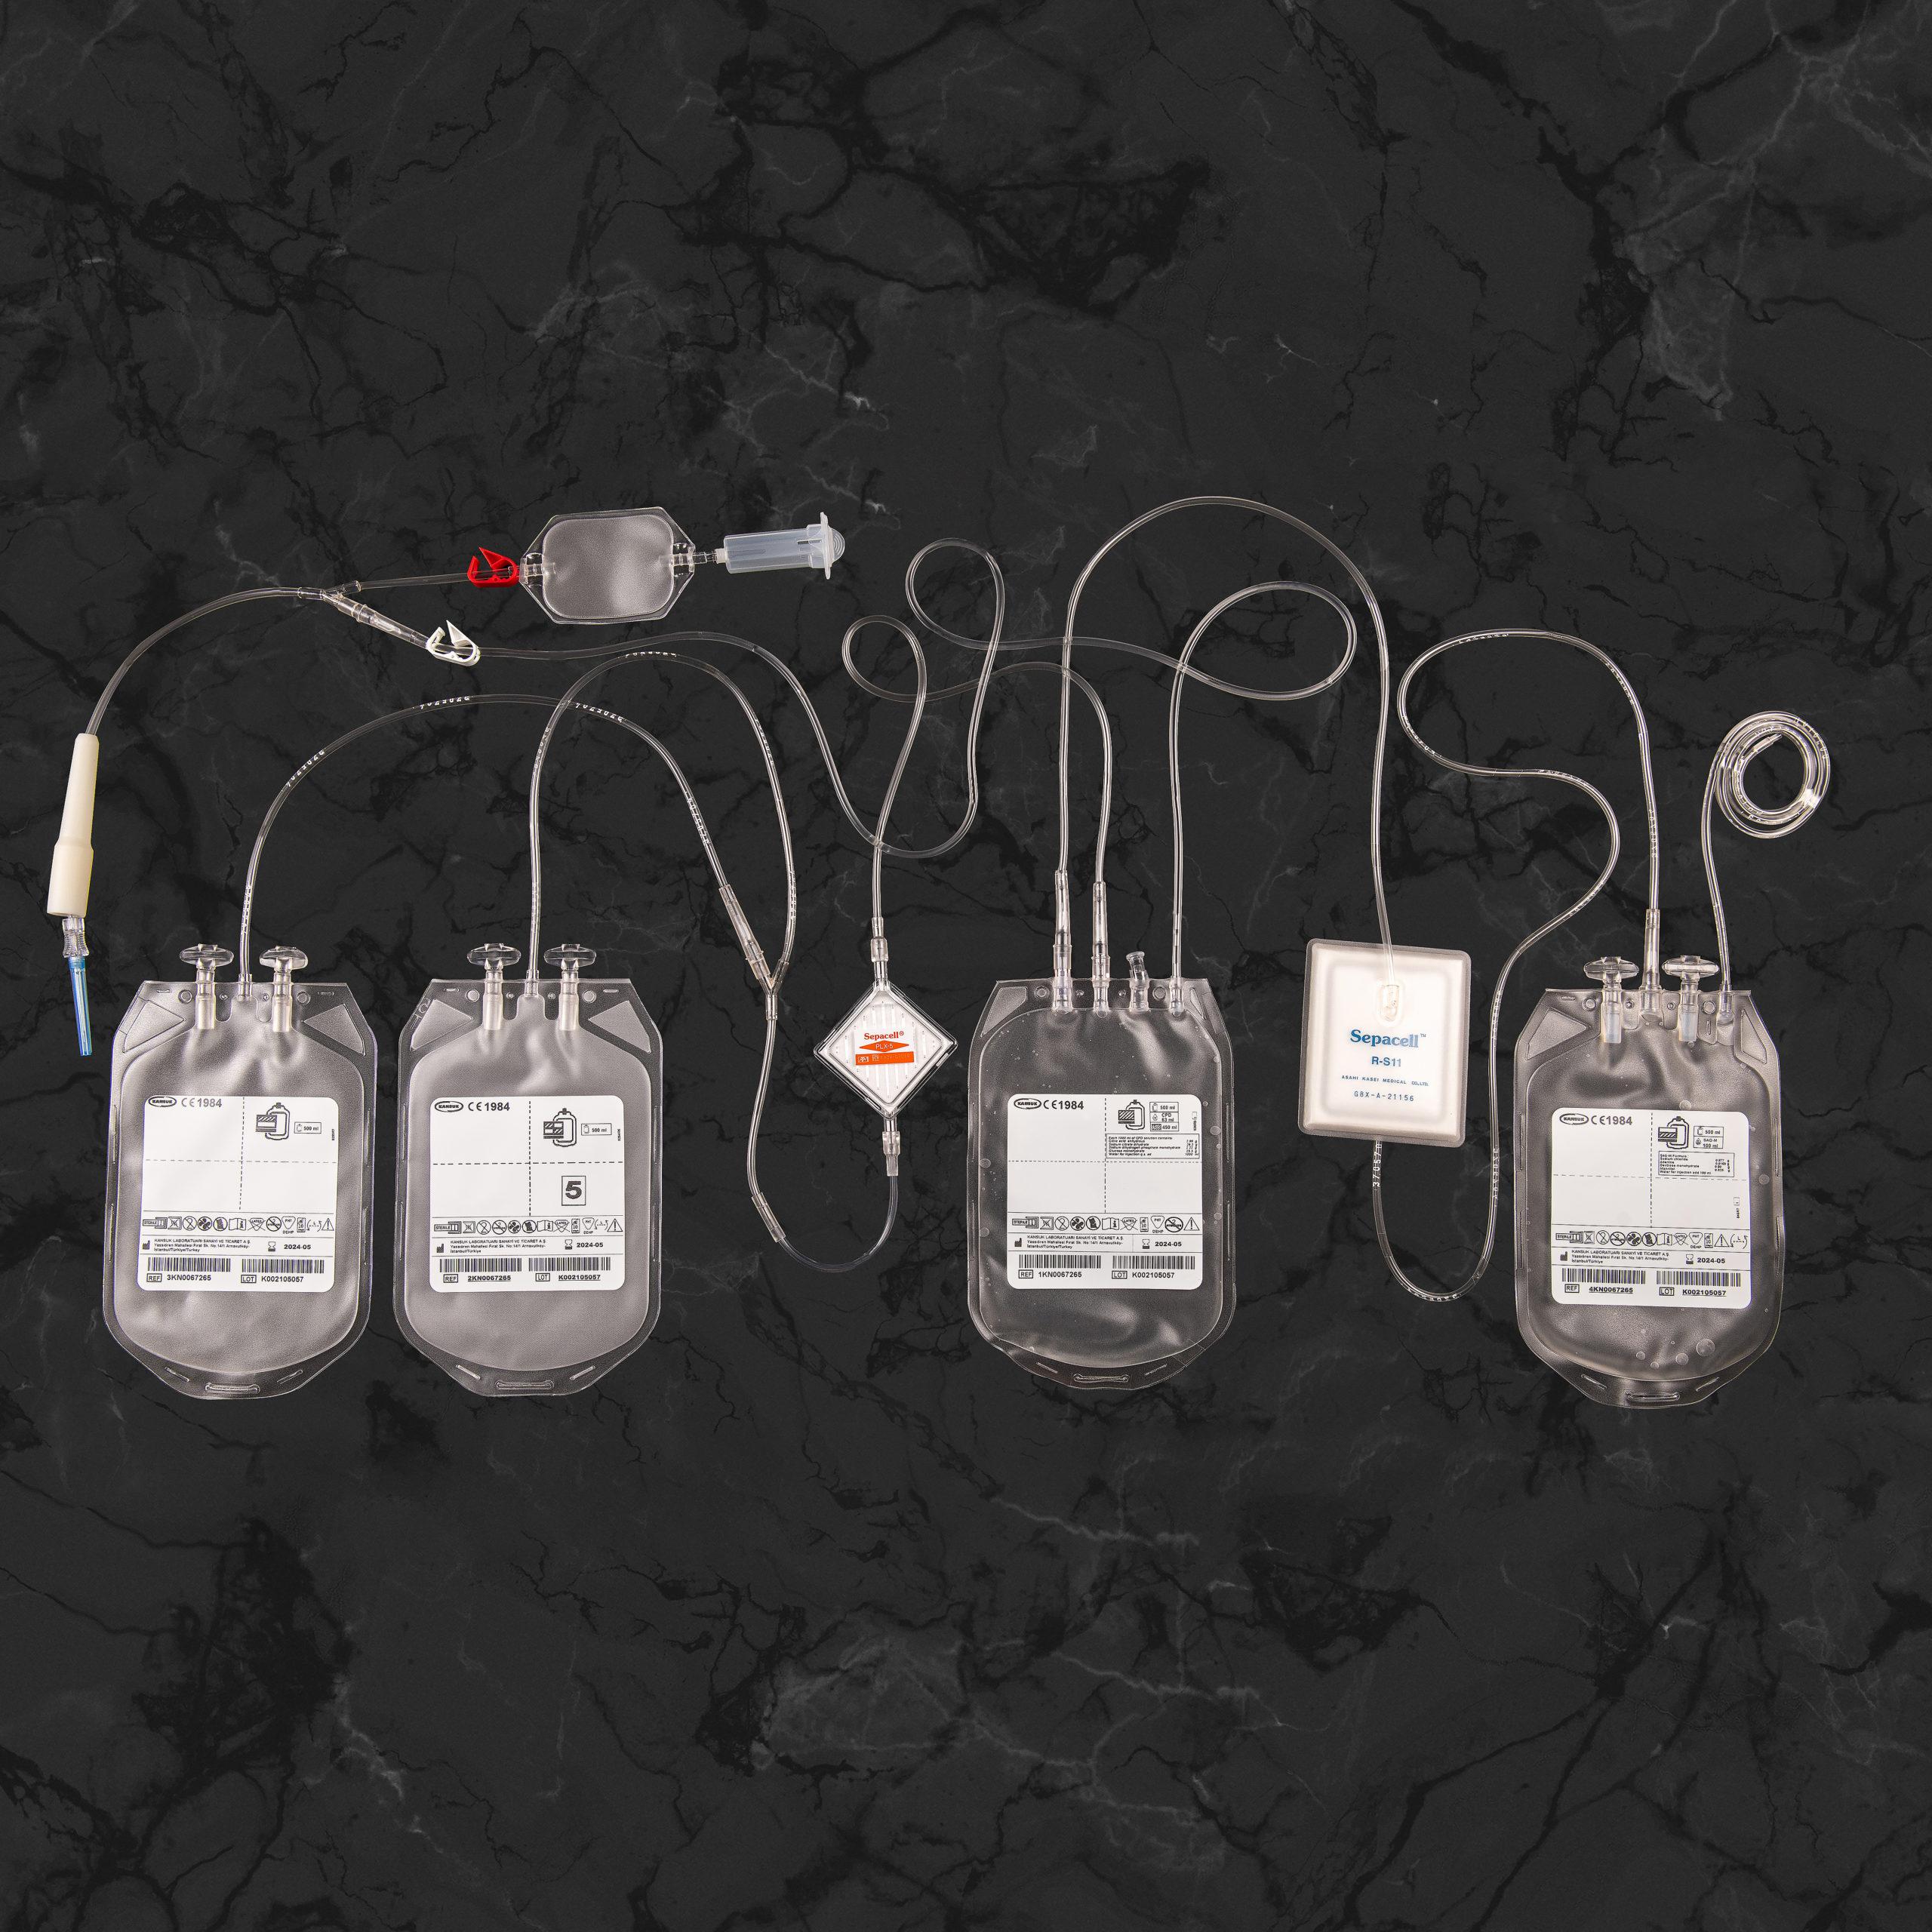 KT EF CPD/SAG-M 450 ML NAT2 5T NH DHK